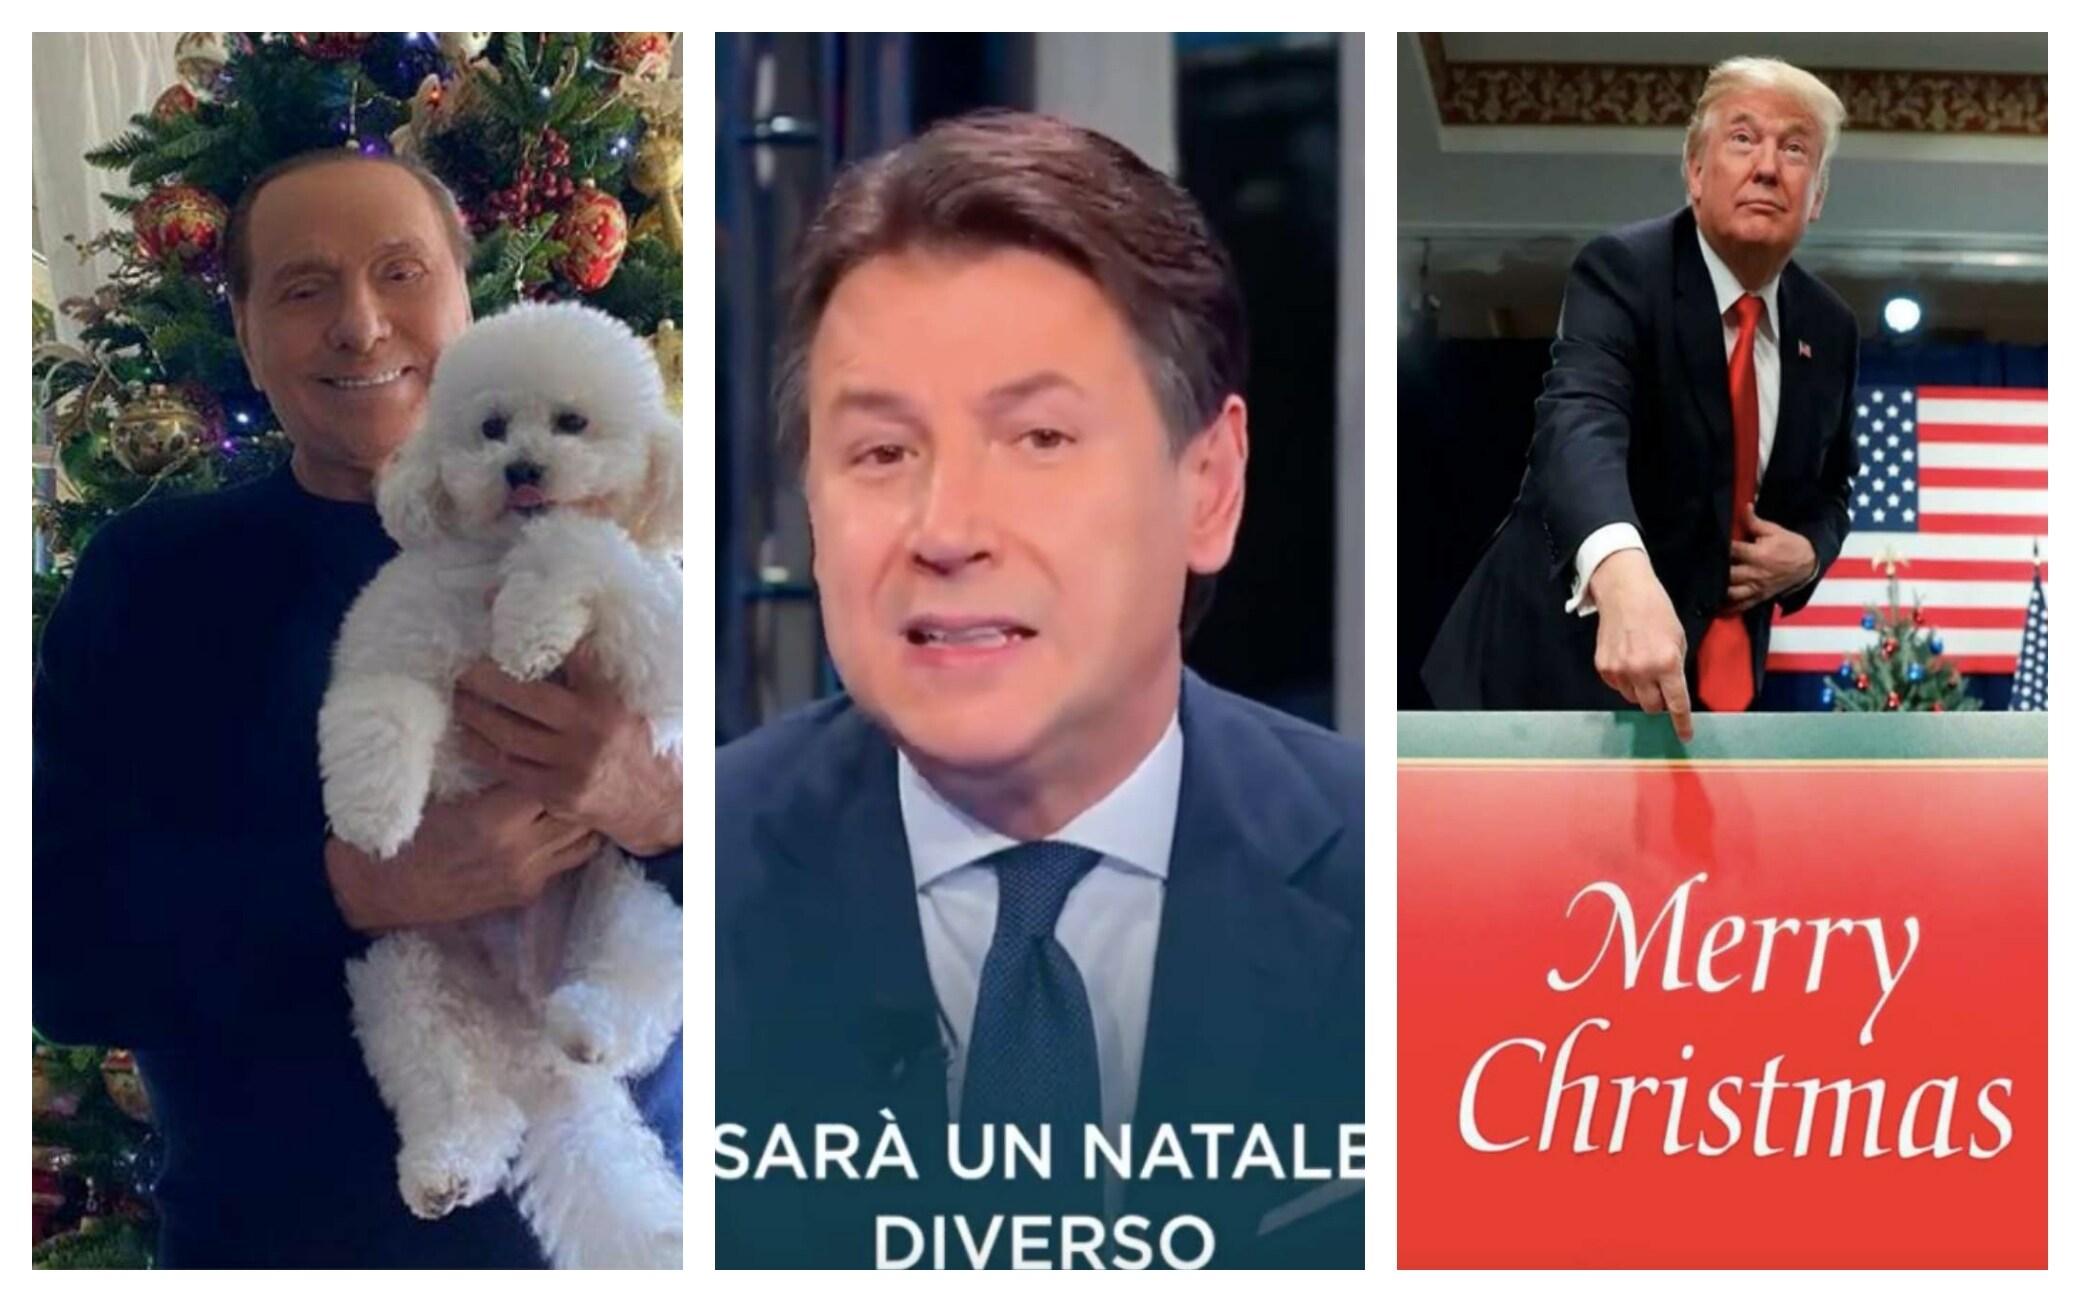 Natale 2020: da Berlusconi a Trump, gli auguri dei politici sui social